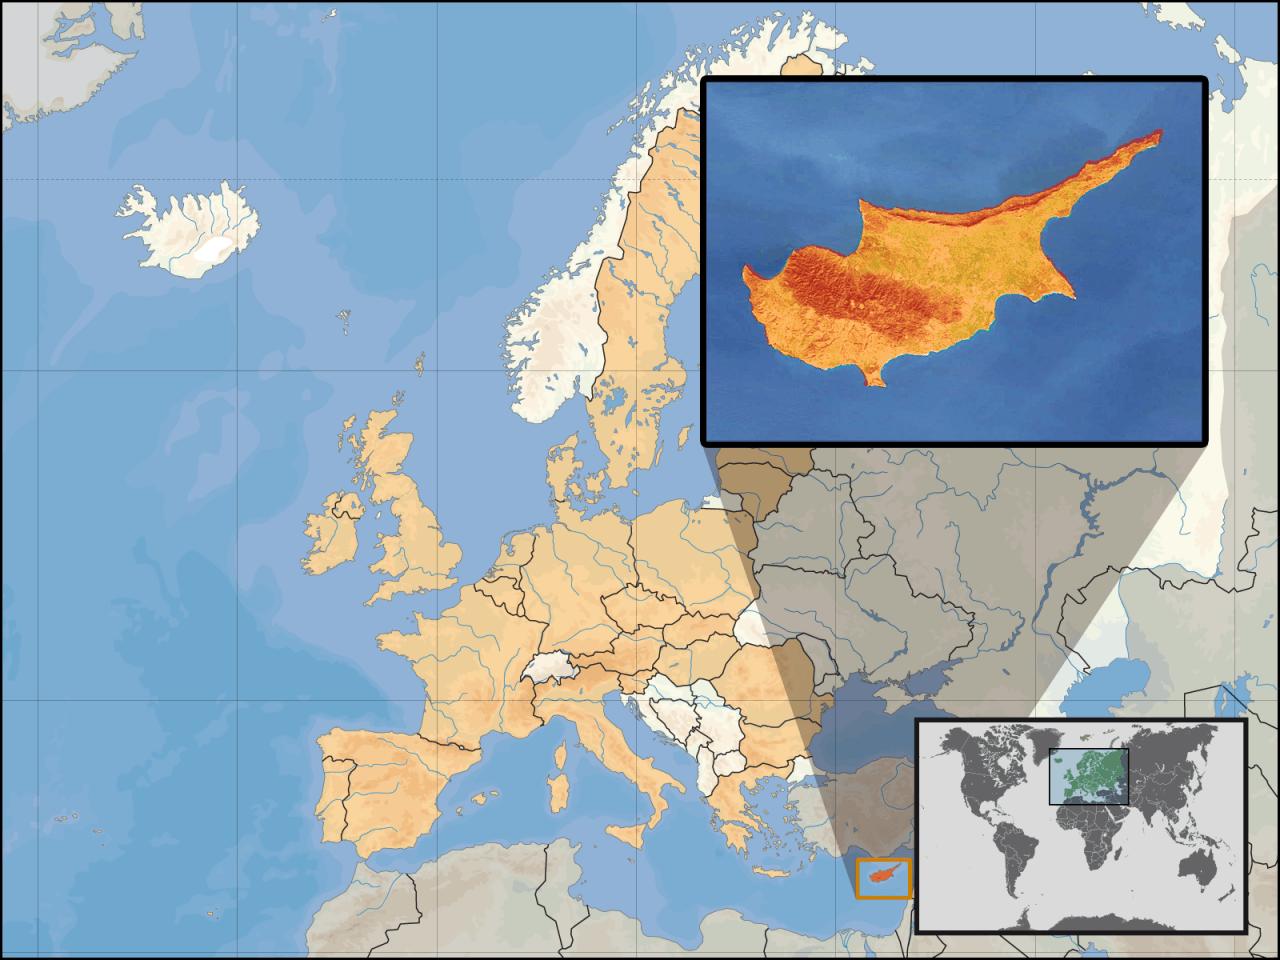 Lokalizacja Cypru na tle Azji